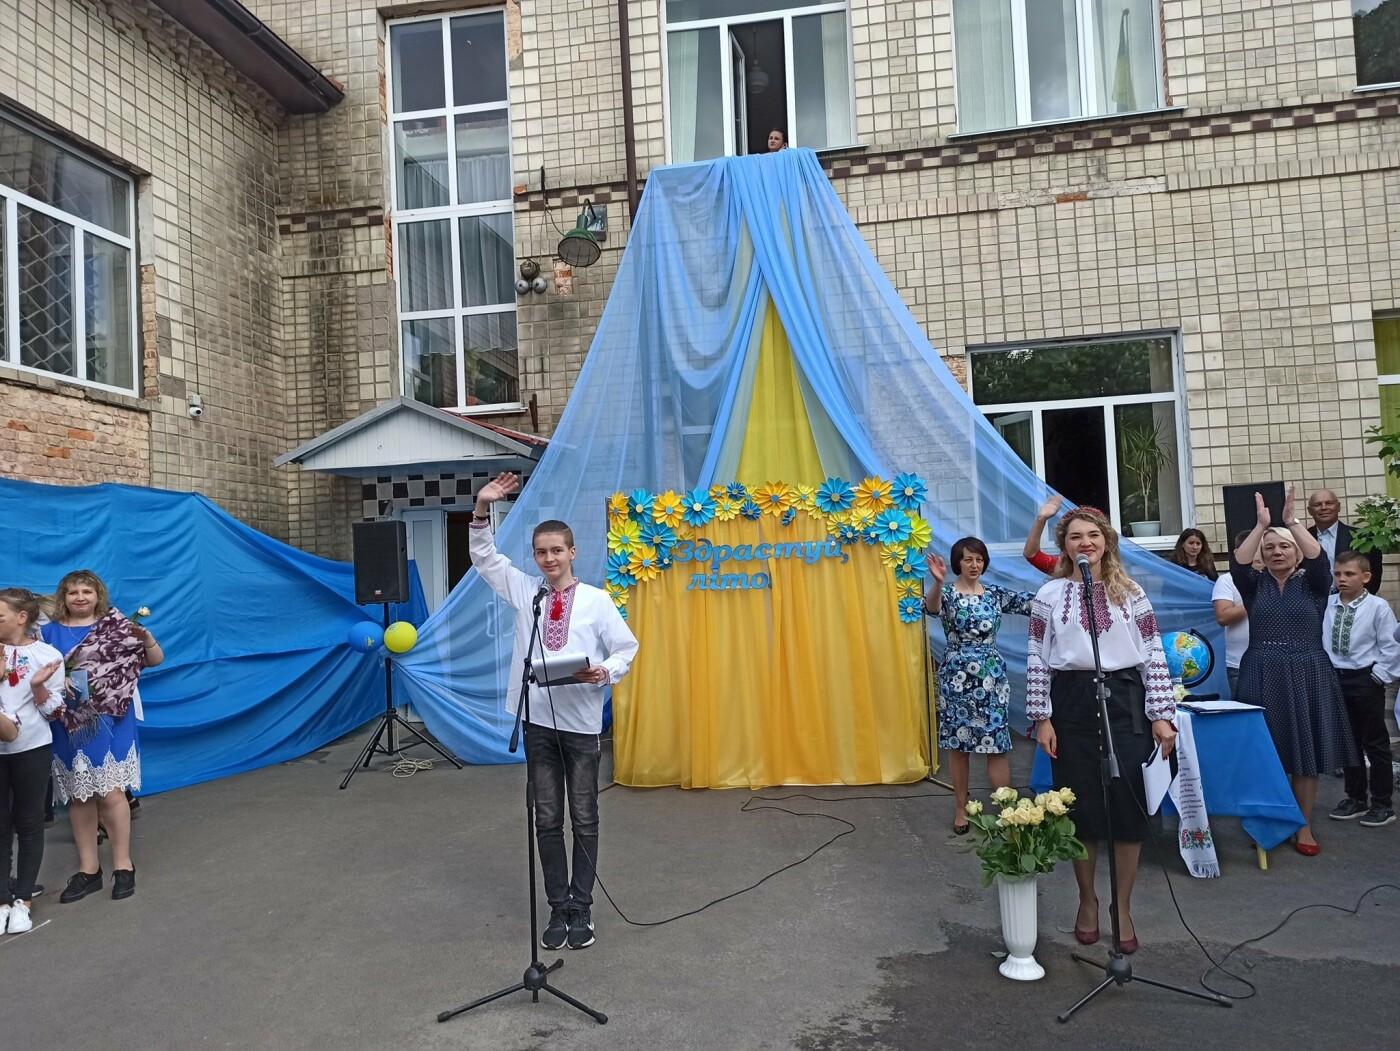 Останній дзвоник пролунав у школі №2 Новограда-Волинського для учнів 5-11 класів, фото-2